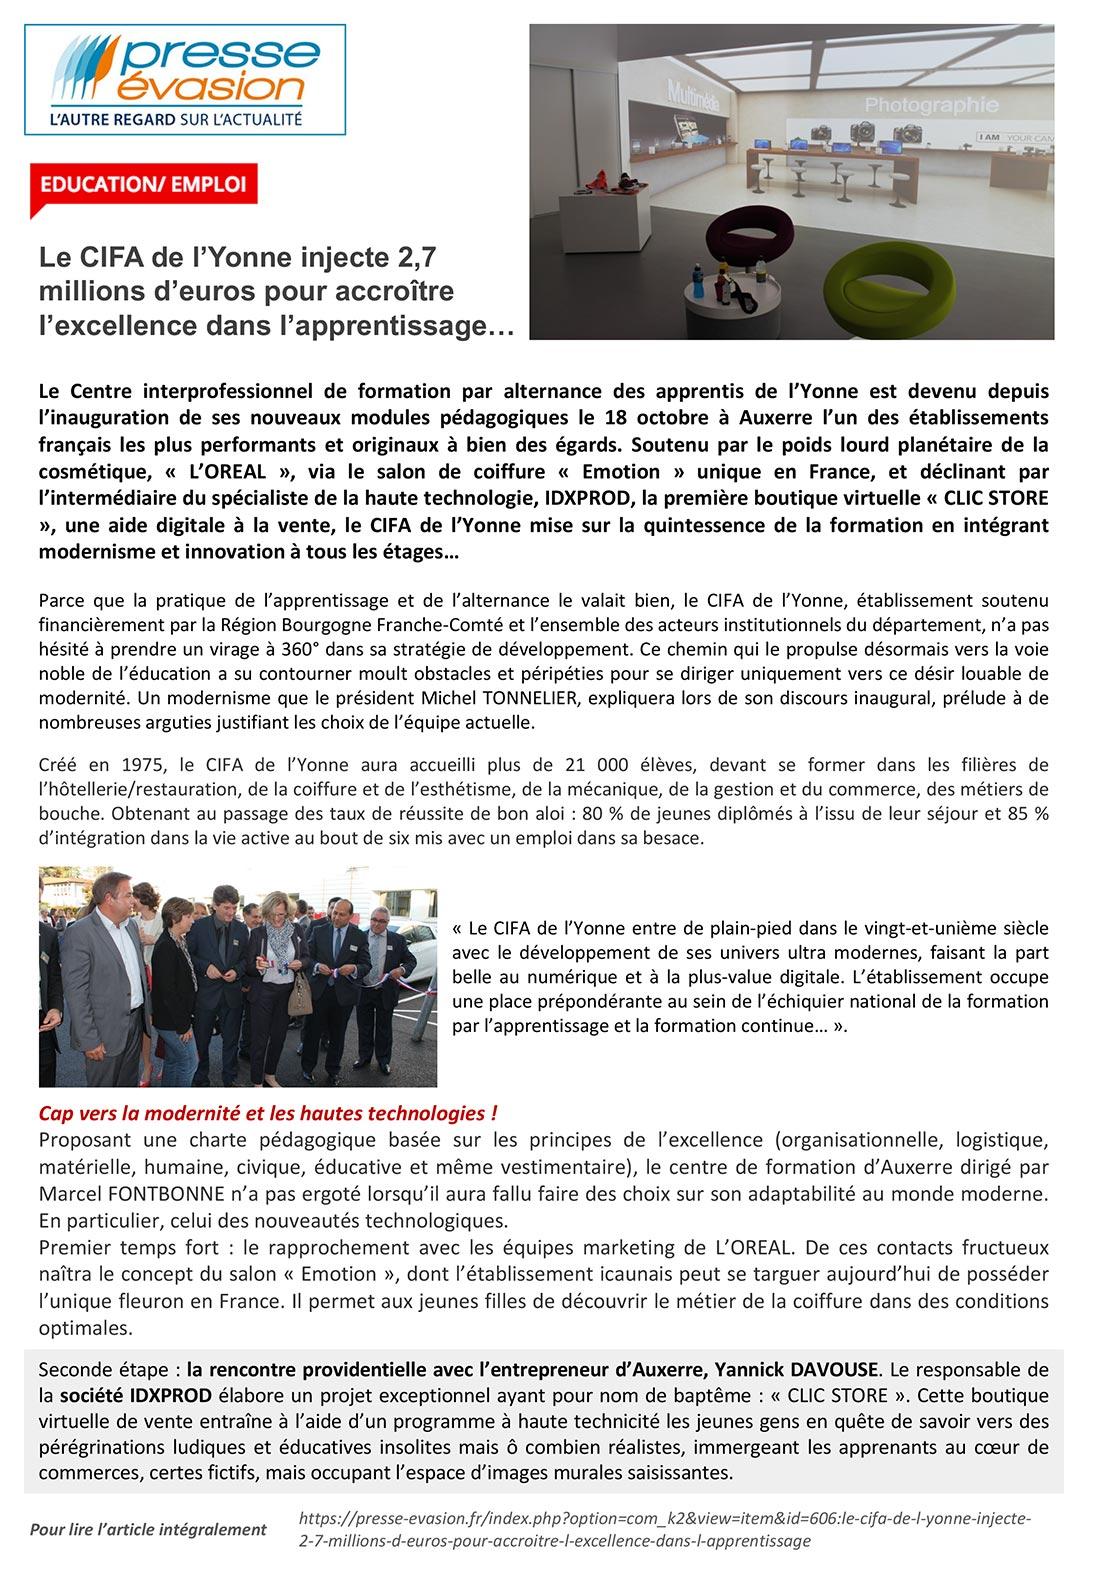 Le Cifa De L Yonne Injecte 2 7 Millions D Euros Idxprod